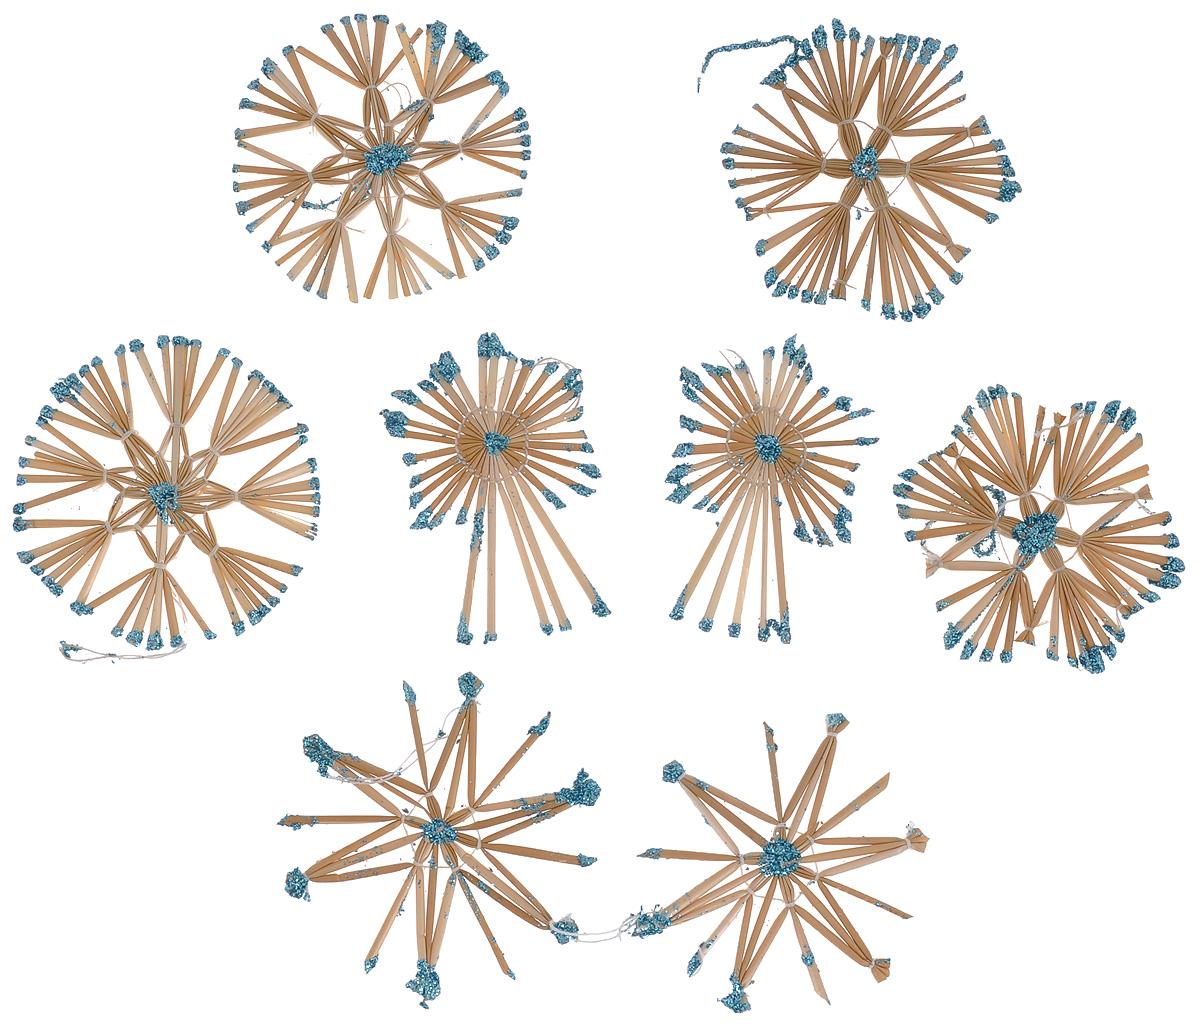 Набор новогодних подвесных украшений Феникс-презент Magic Time, цвет: бирюзовый, светло-коричневый, 8 шт38196Набор Феникс-презент Magic Time, состоящий из 8 новогодних подвесных украшений, отлично подойдет для декорации вашего дома и новогодней ели. Изделия выполнены из соломы в виде снежинок и звезд, оформленных блестками. Украшения имеют специальные петельки для подвешивания. Коллекция декоративных украшений Феникс-презент Magic Time принесет в ваш дом ни с чем не сравнимое ощущение праздника! Средний размер украшения: 8,5 см х 8,5 см.